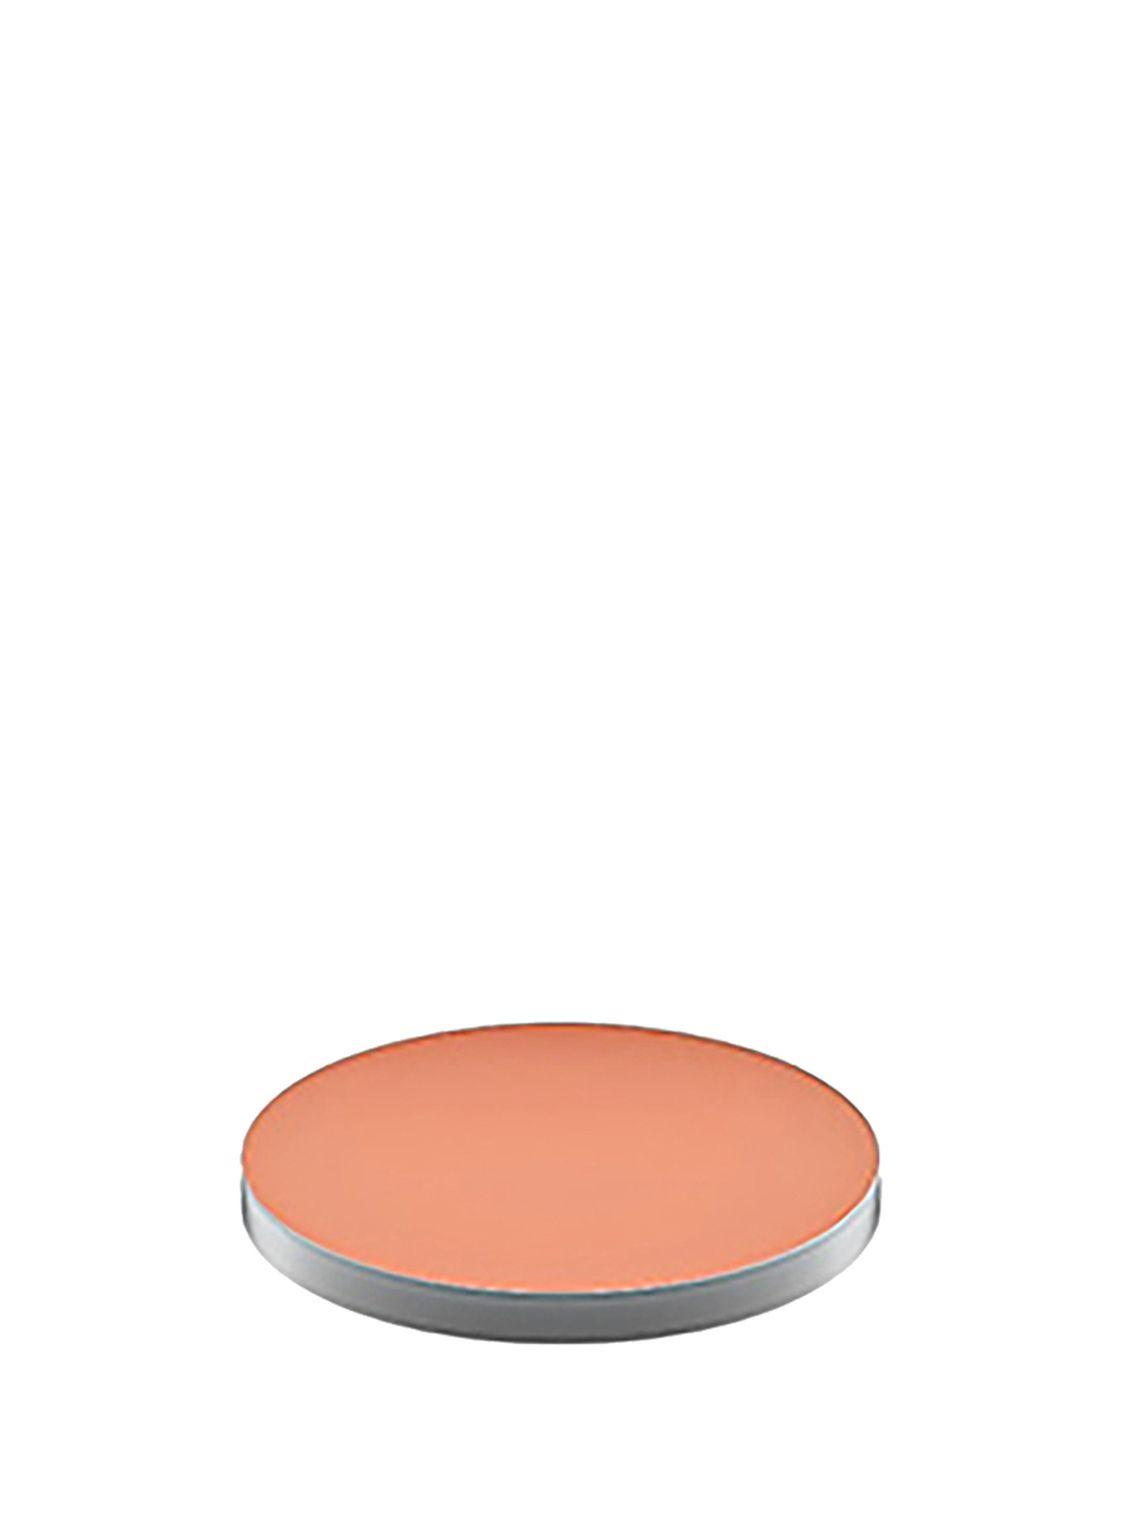 M.A.C Pro Palette   (5,62 € / 1 g)